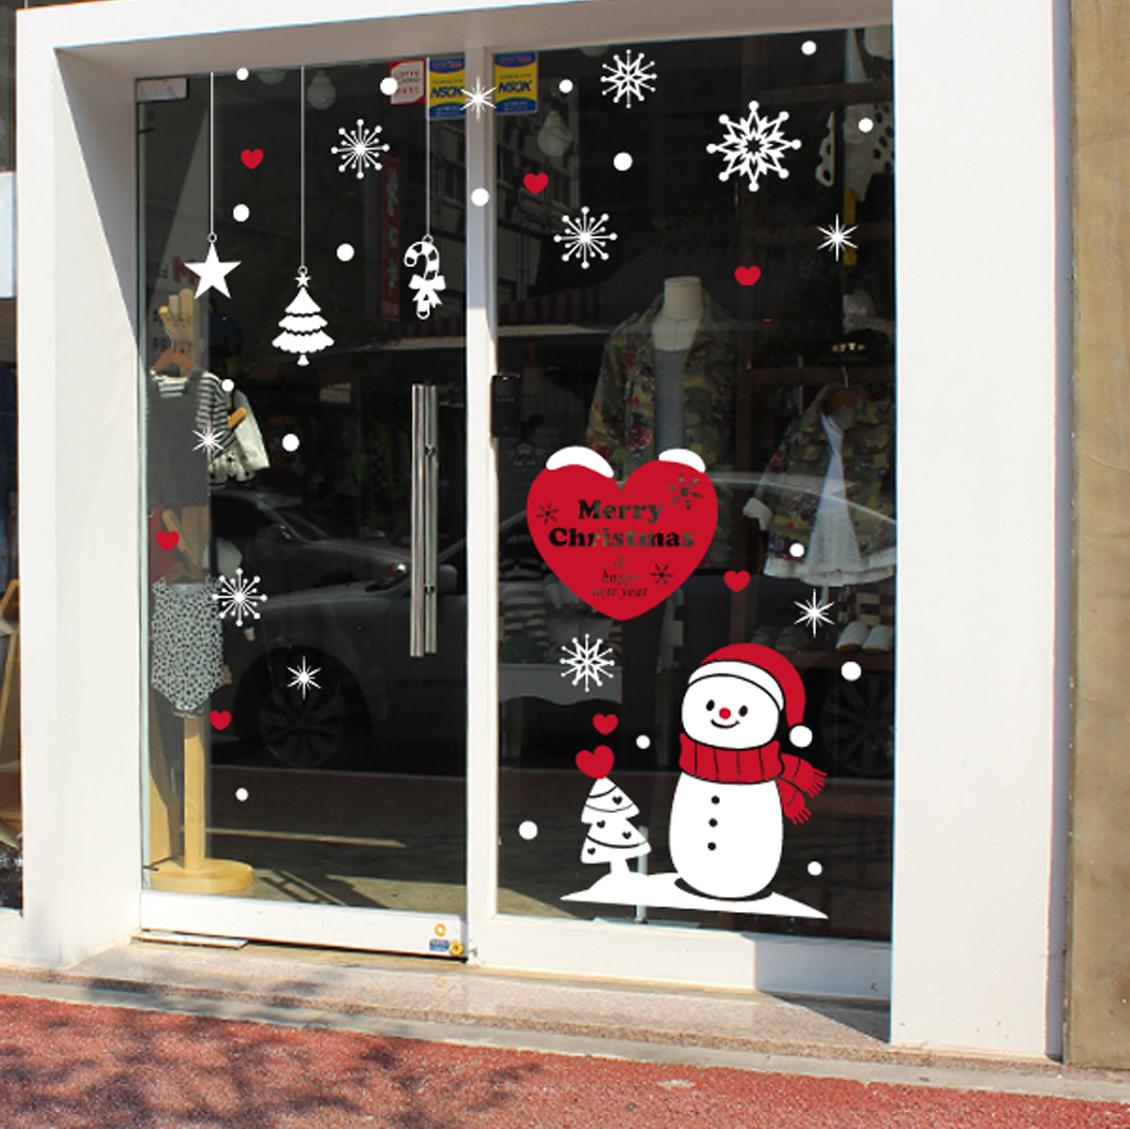 제제데코 하트 트리 눈사람 크리스마스 스티커, 혼합색상